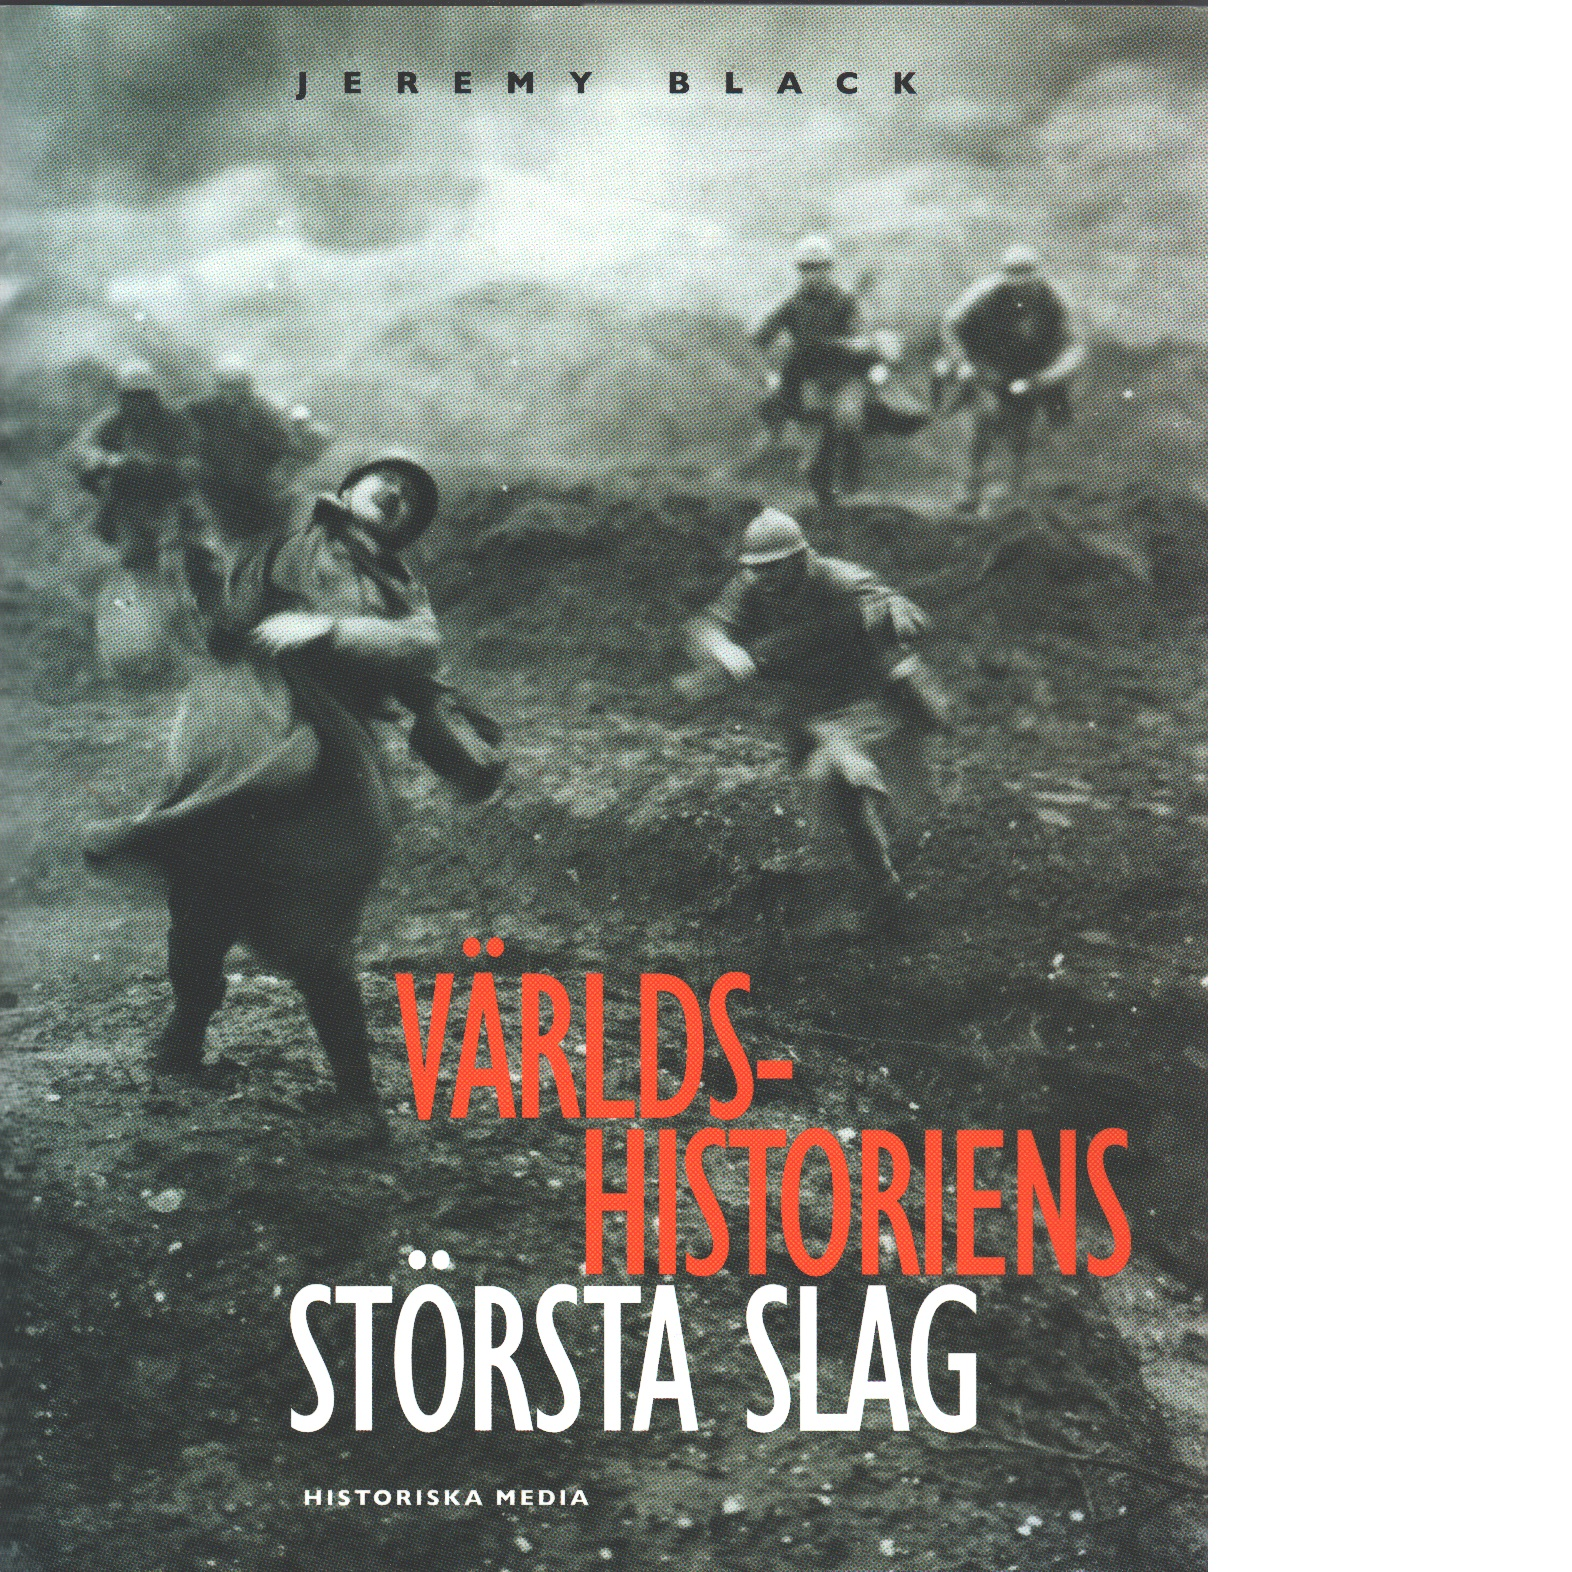 Världshistoriens största slag - Red.